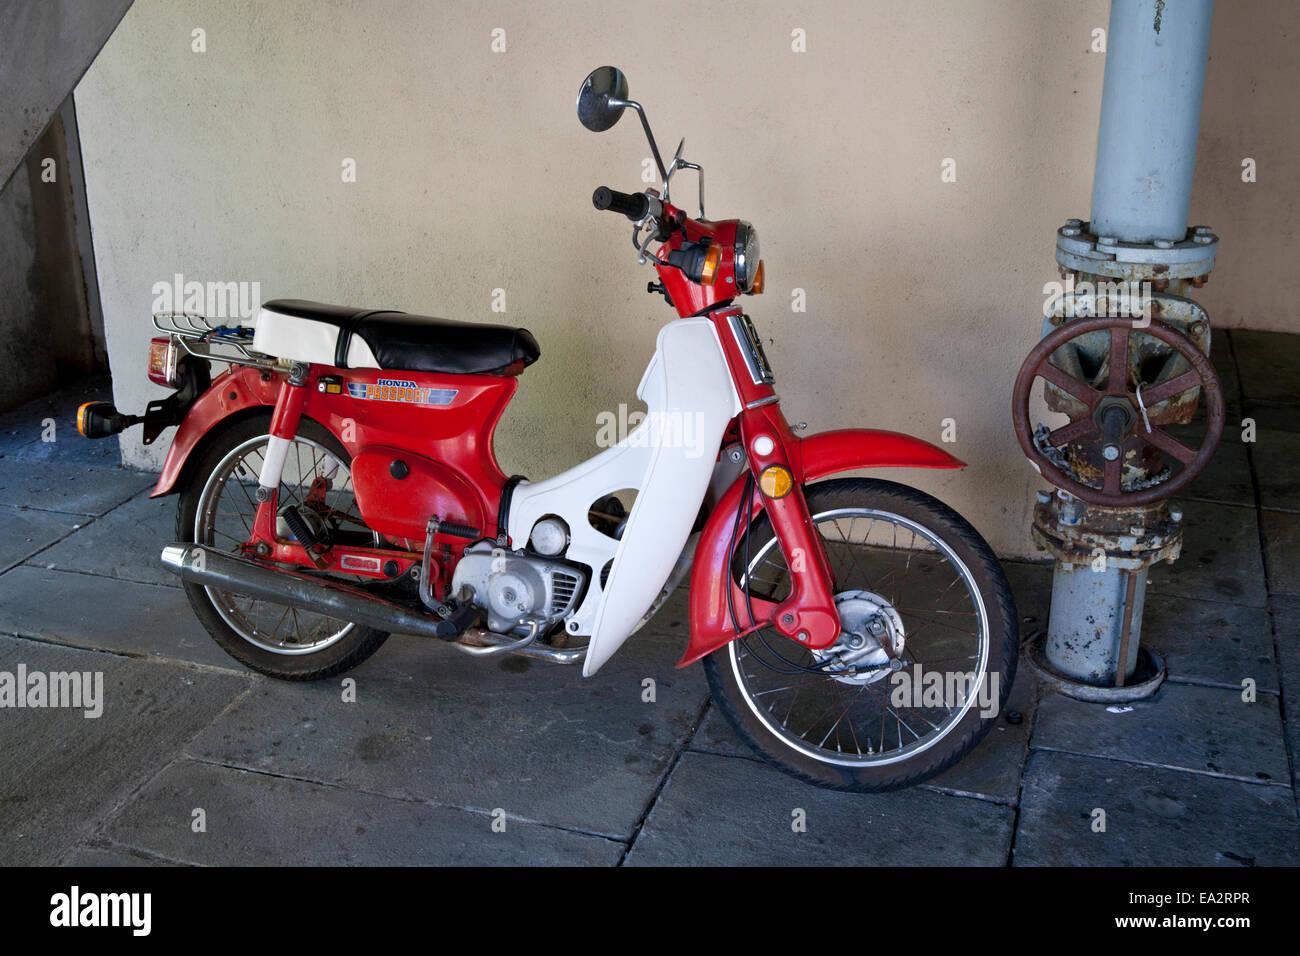 Honda passport motor scooter stock photo royalty free for Honda motor company stock